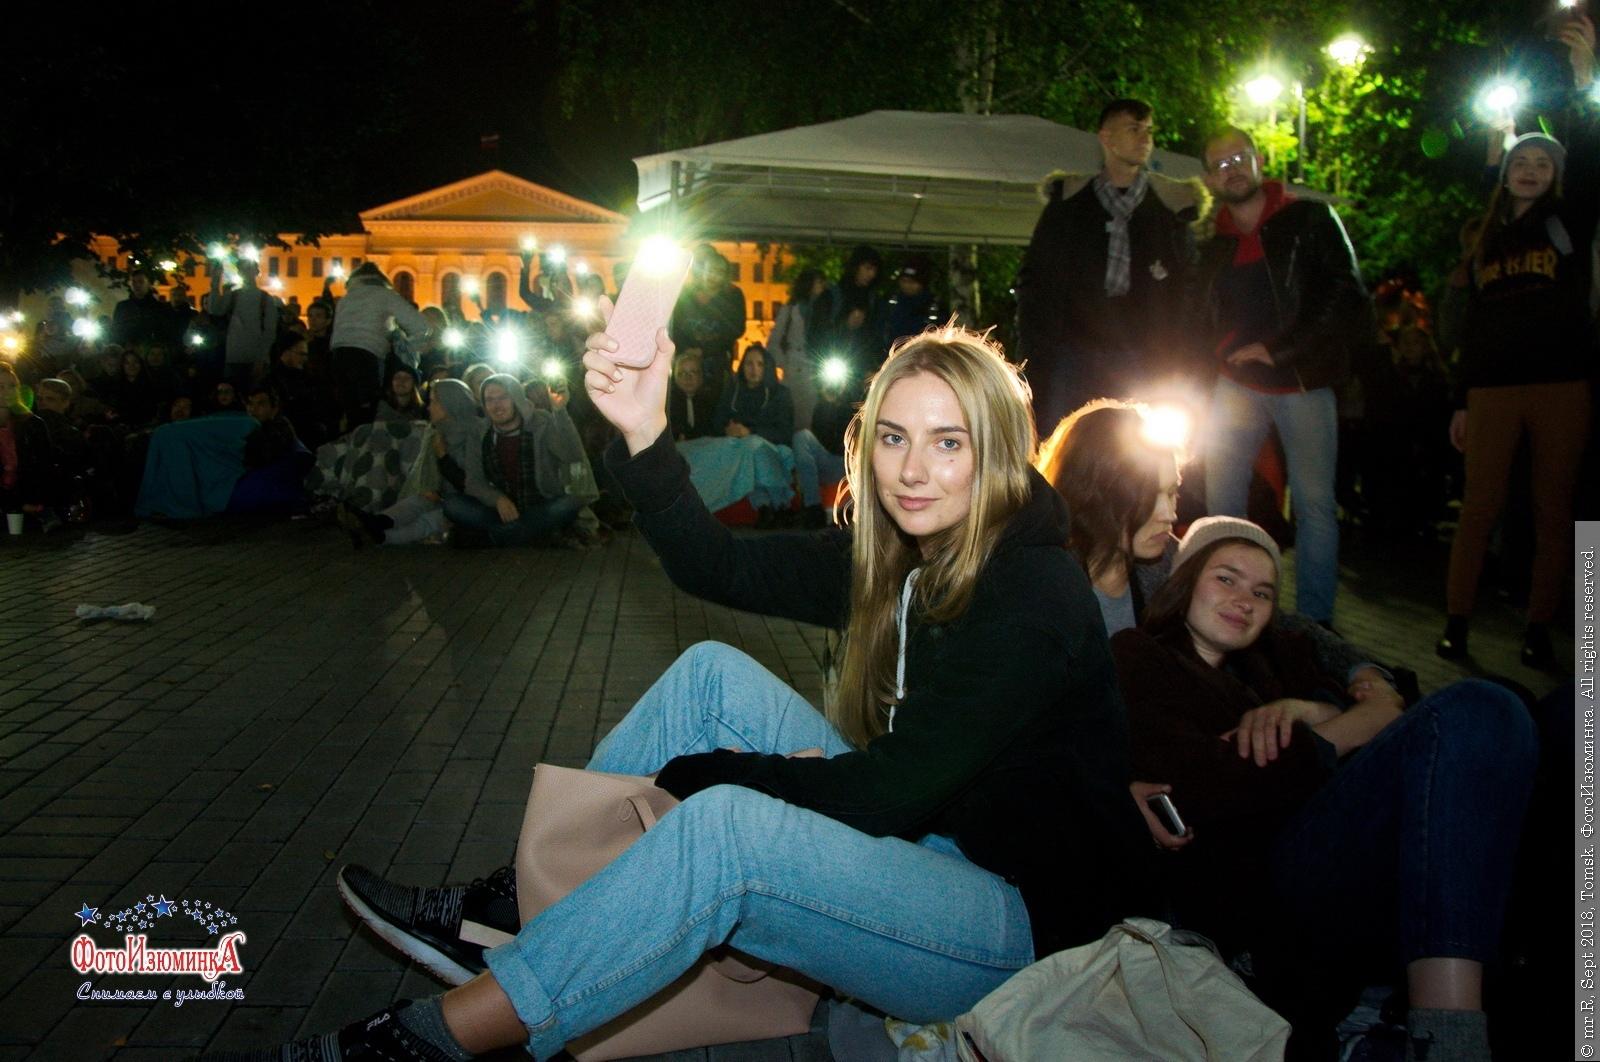 Всемирный фестиваль уличного кино собрал около тысячи томских зрителей